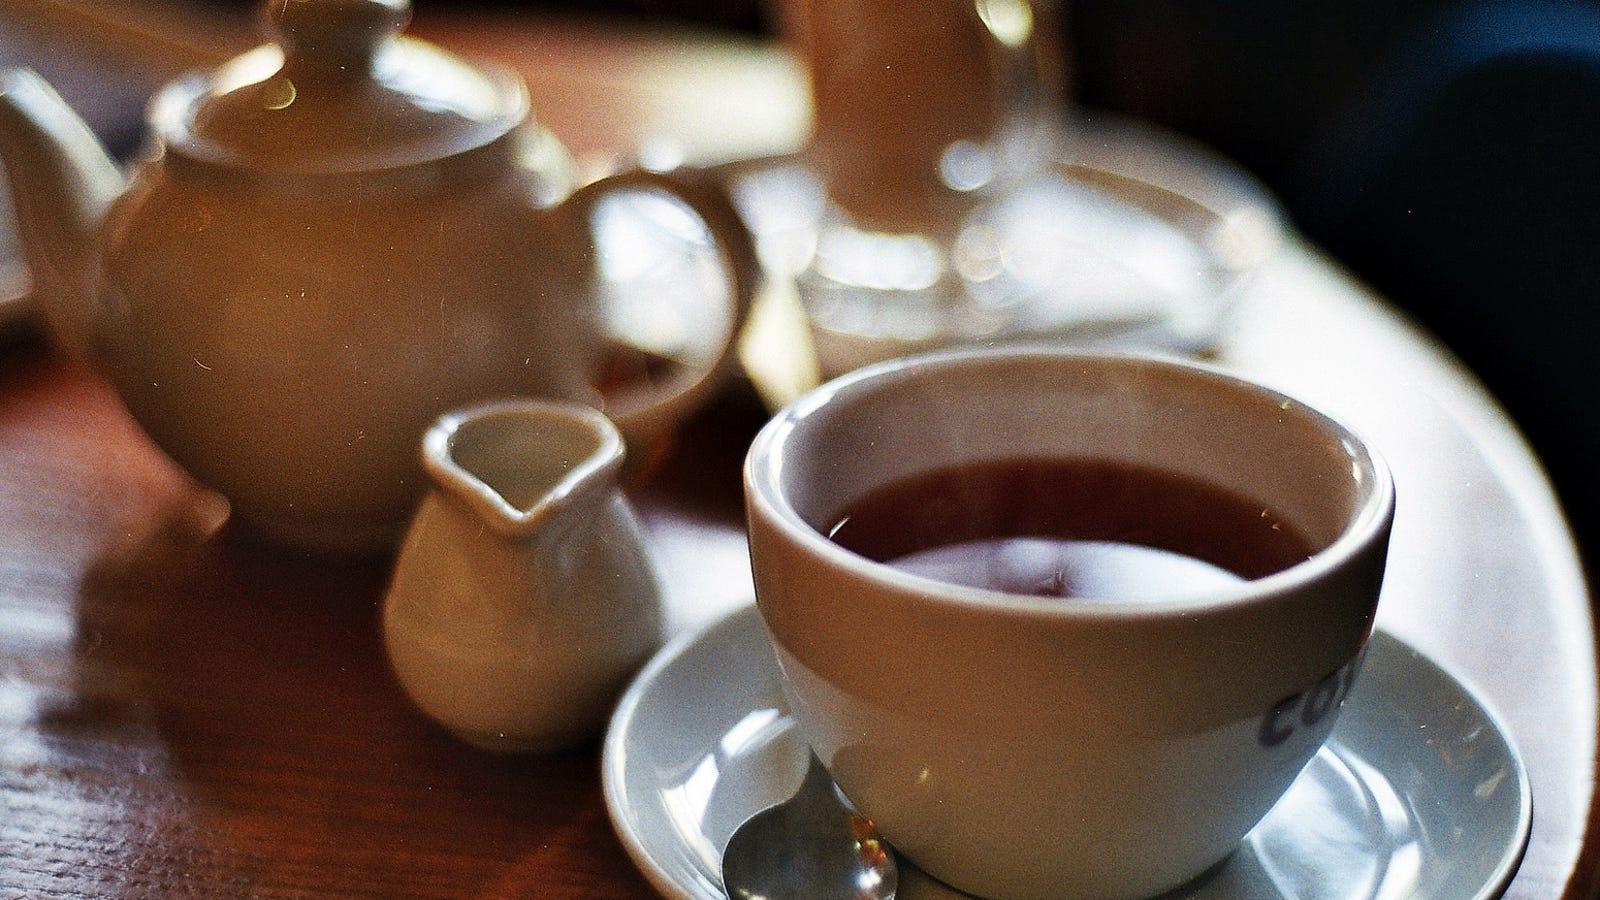 Esta es la receta de la taza de té perfecta según los estándares internacionales de calidad ISO